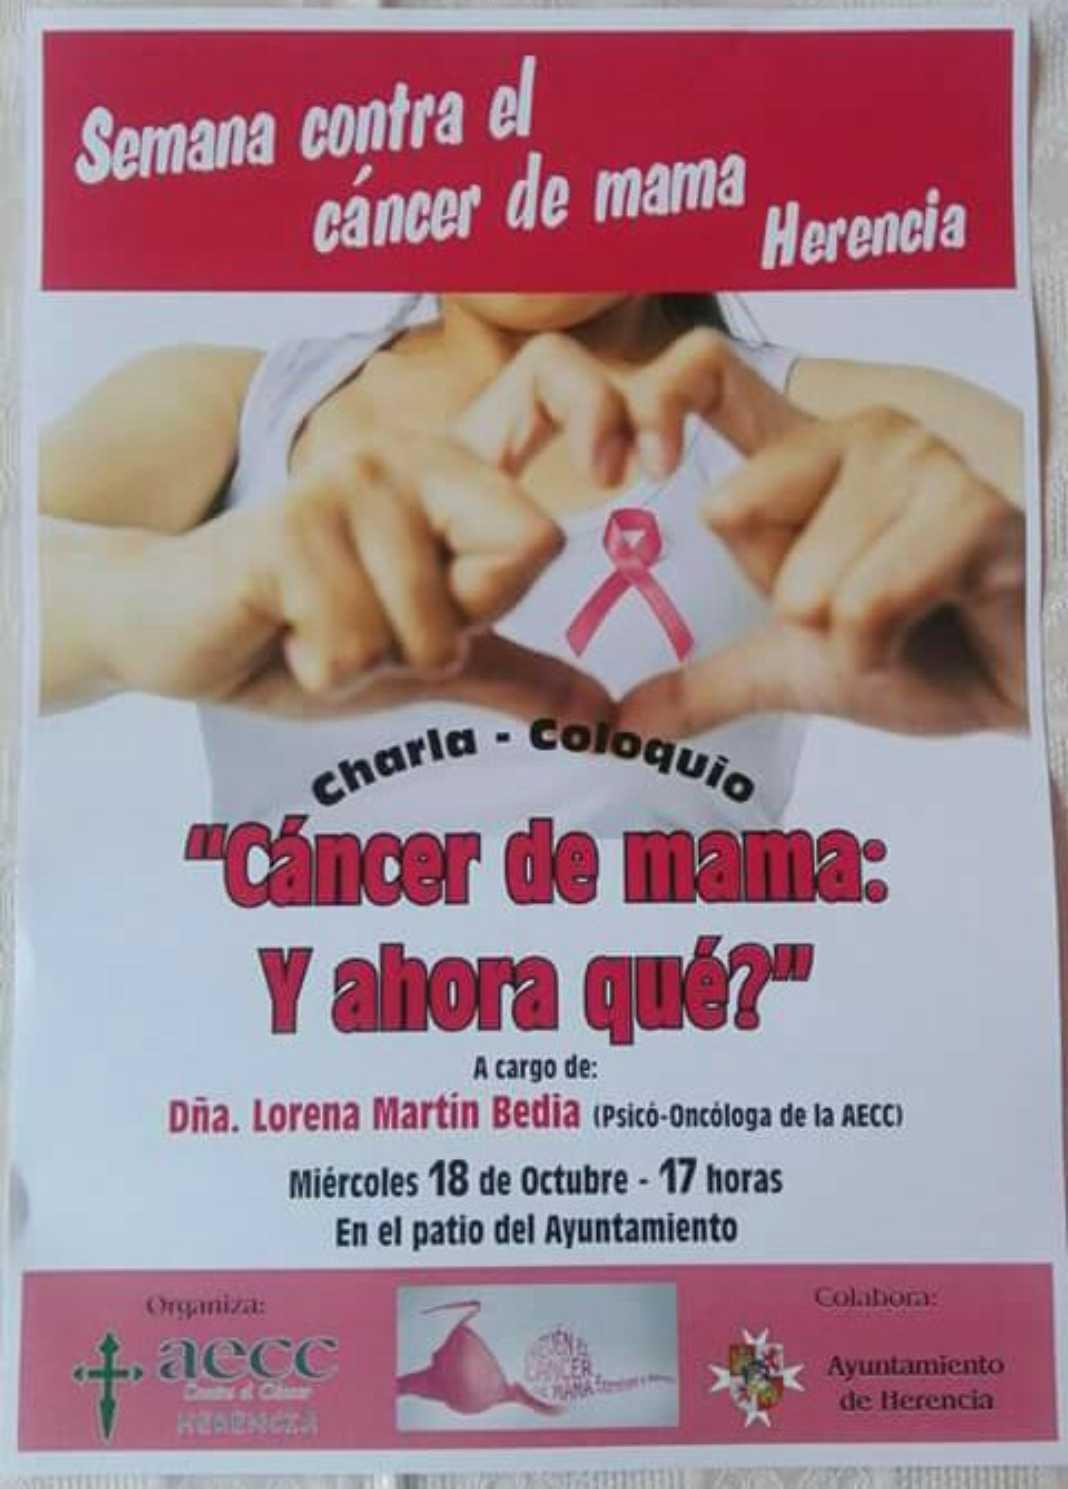 Semana contra el cáncer de mama en Herencia 1068x1489 - Semana contra el cáncer de mama en Herencia